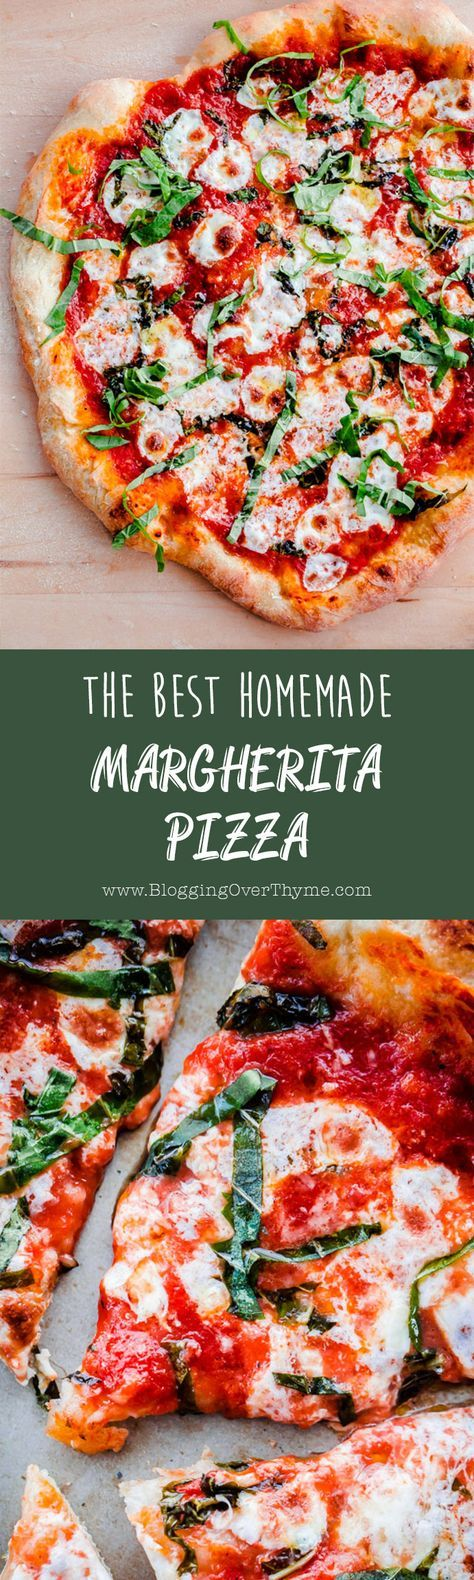 pizza zusammen selber machen zusammen kochen mittags pinterest zusammen kochen pizza. Black Bedroom Furniture Sets. Home Design Ideas